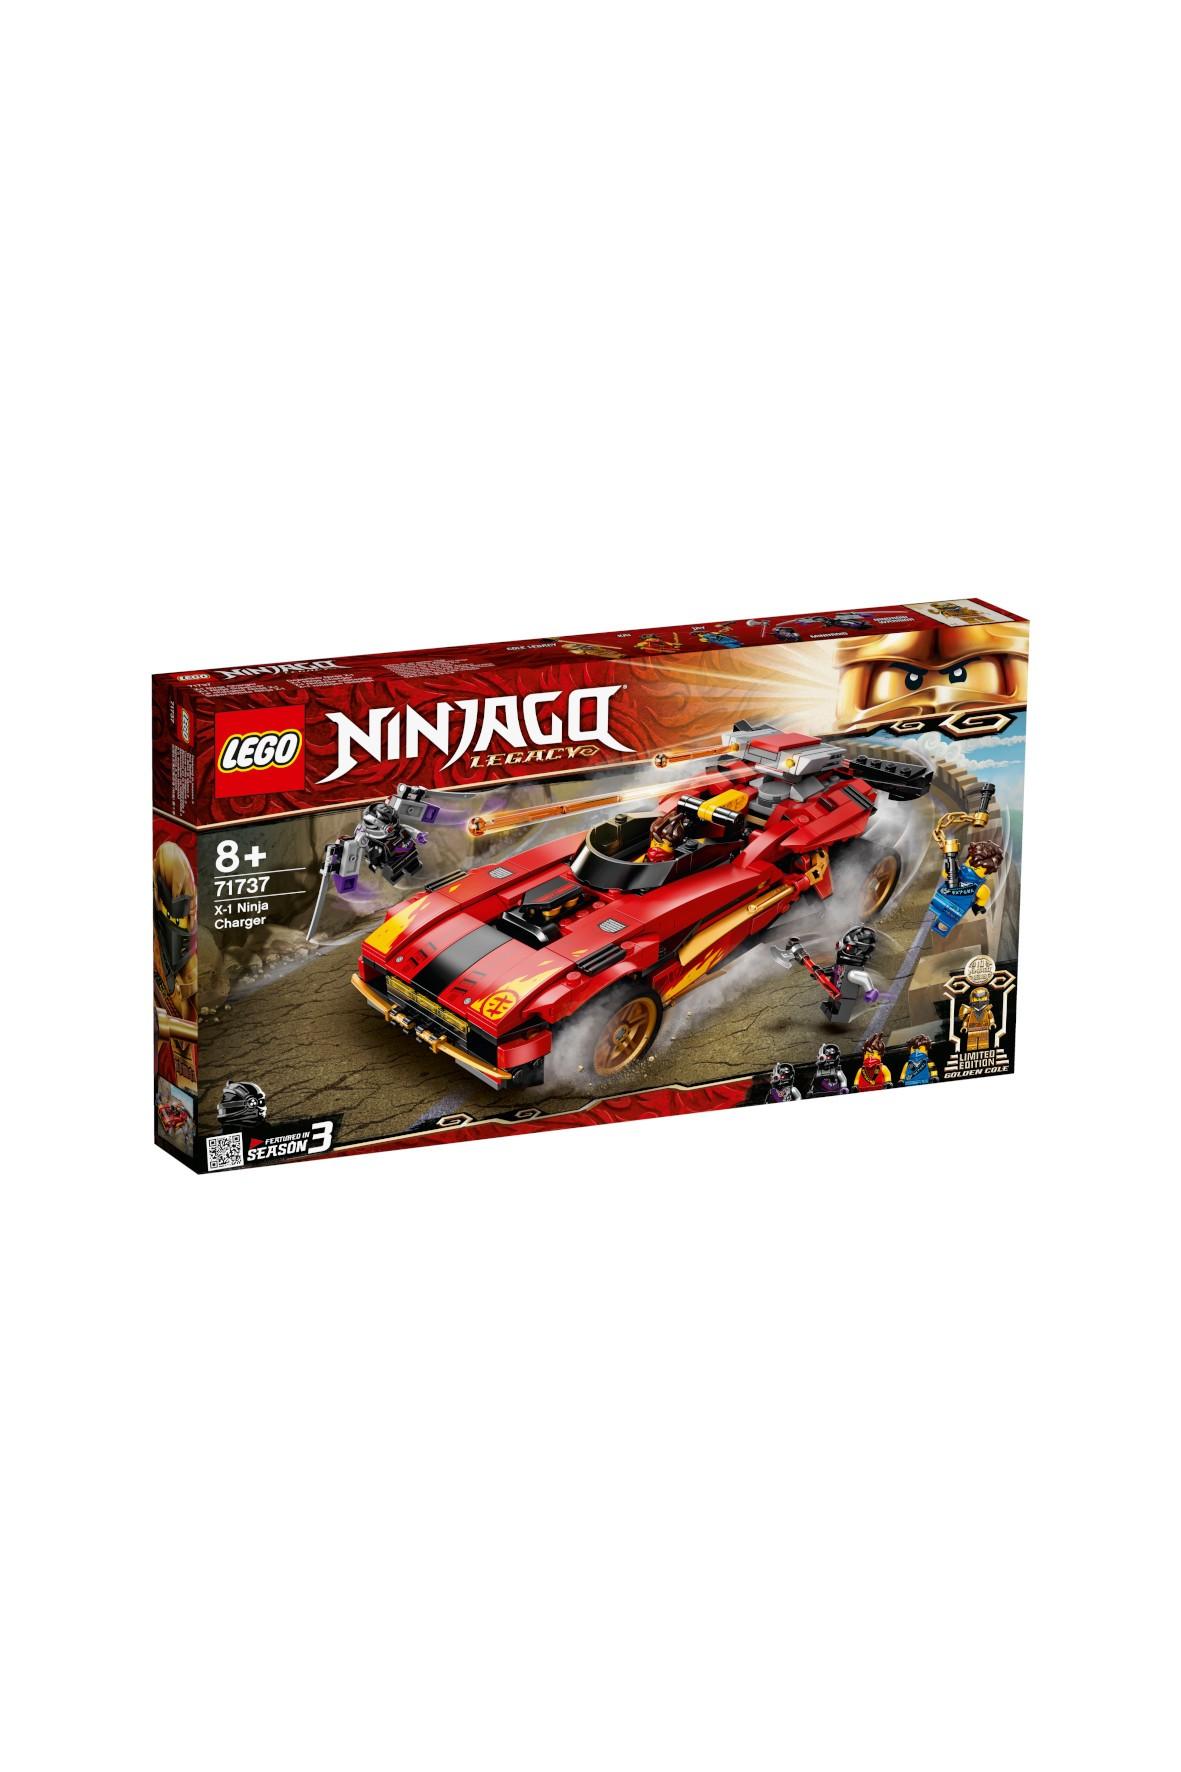 LEGO Ninjago - Ninjaścigacz - 599 elementów